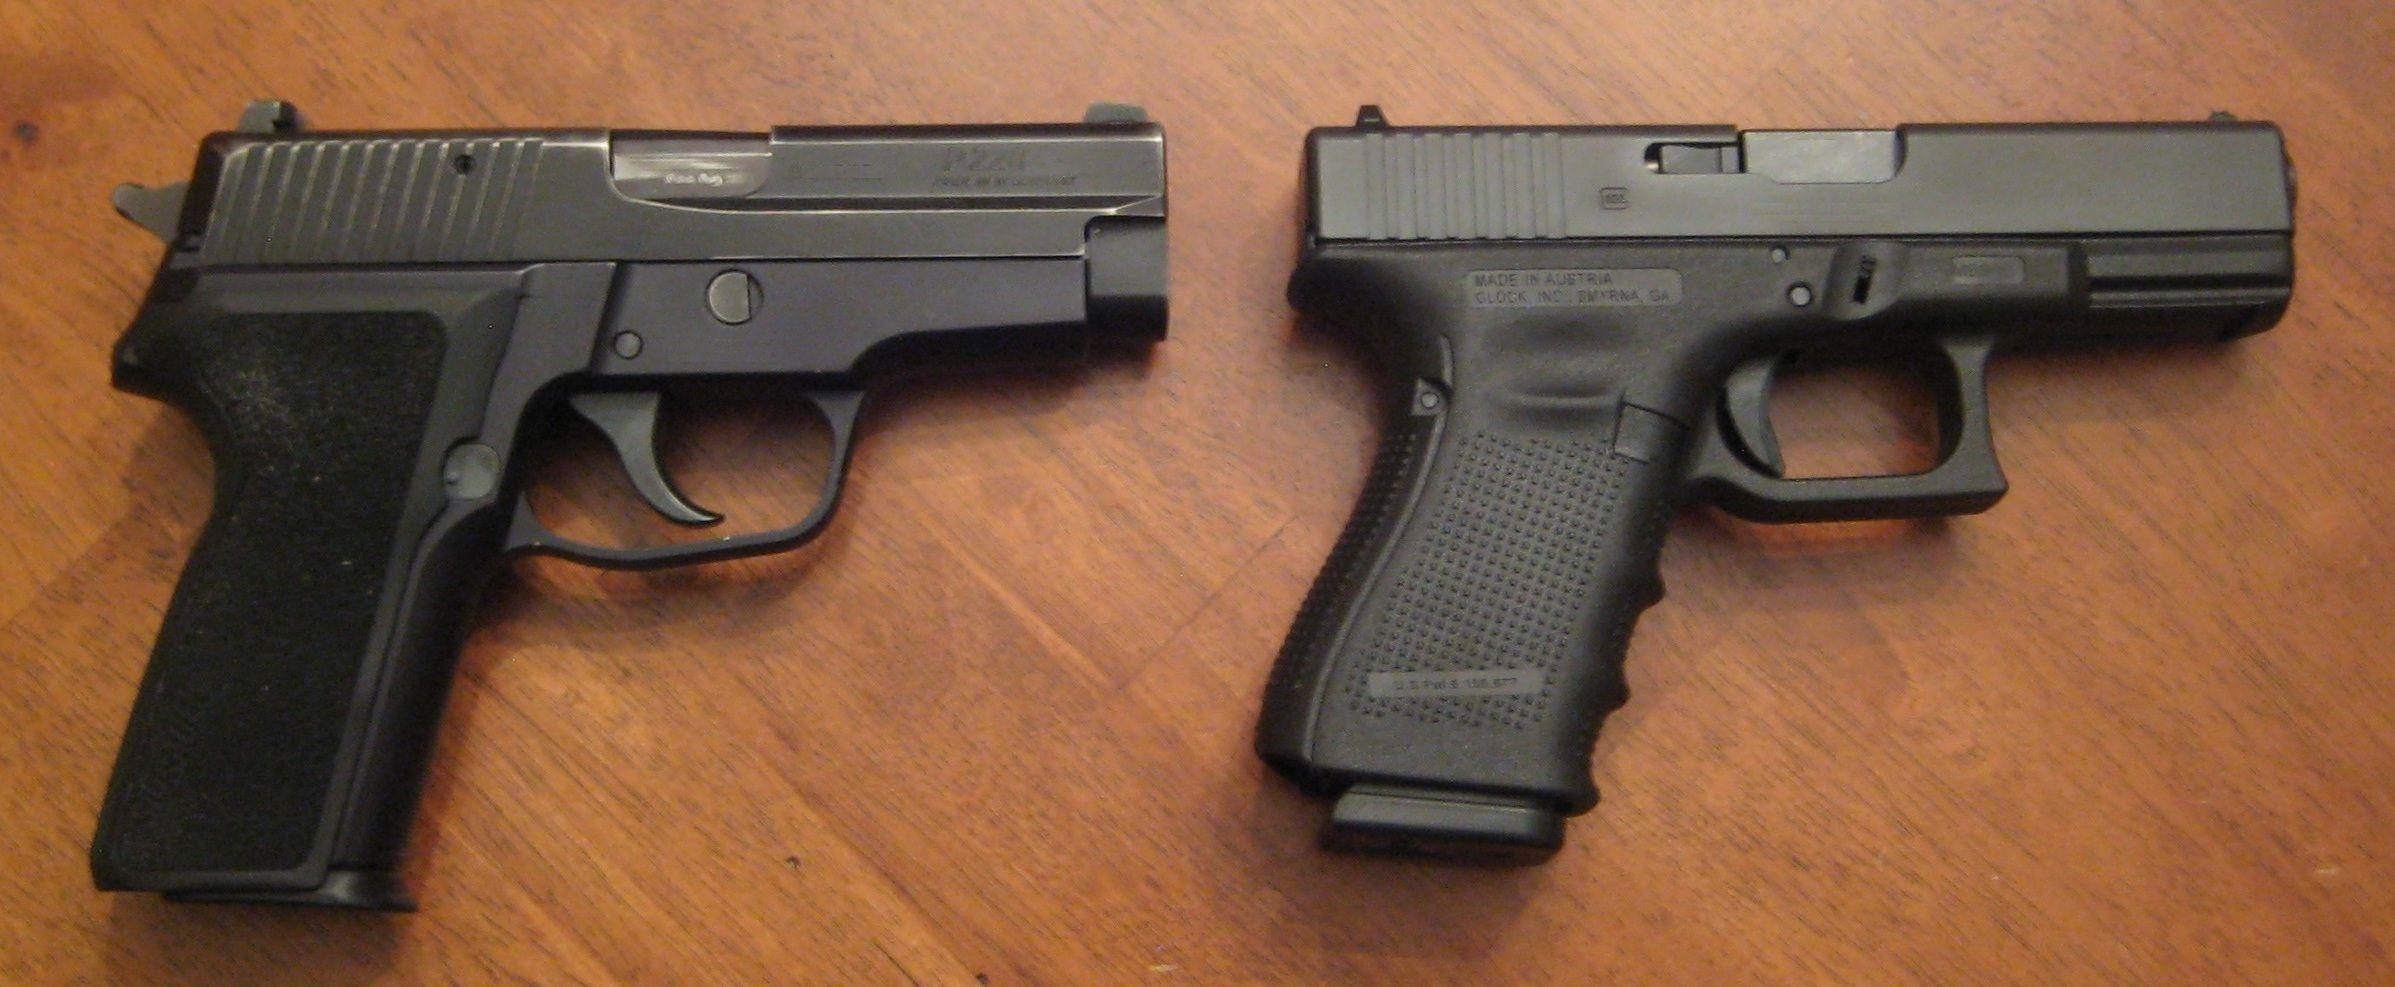 Sig Sauer P228 E2 9mm 15rd vs Glock 19 Gen 4 9mm 15rd ...